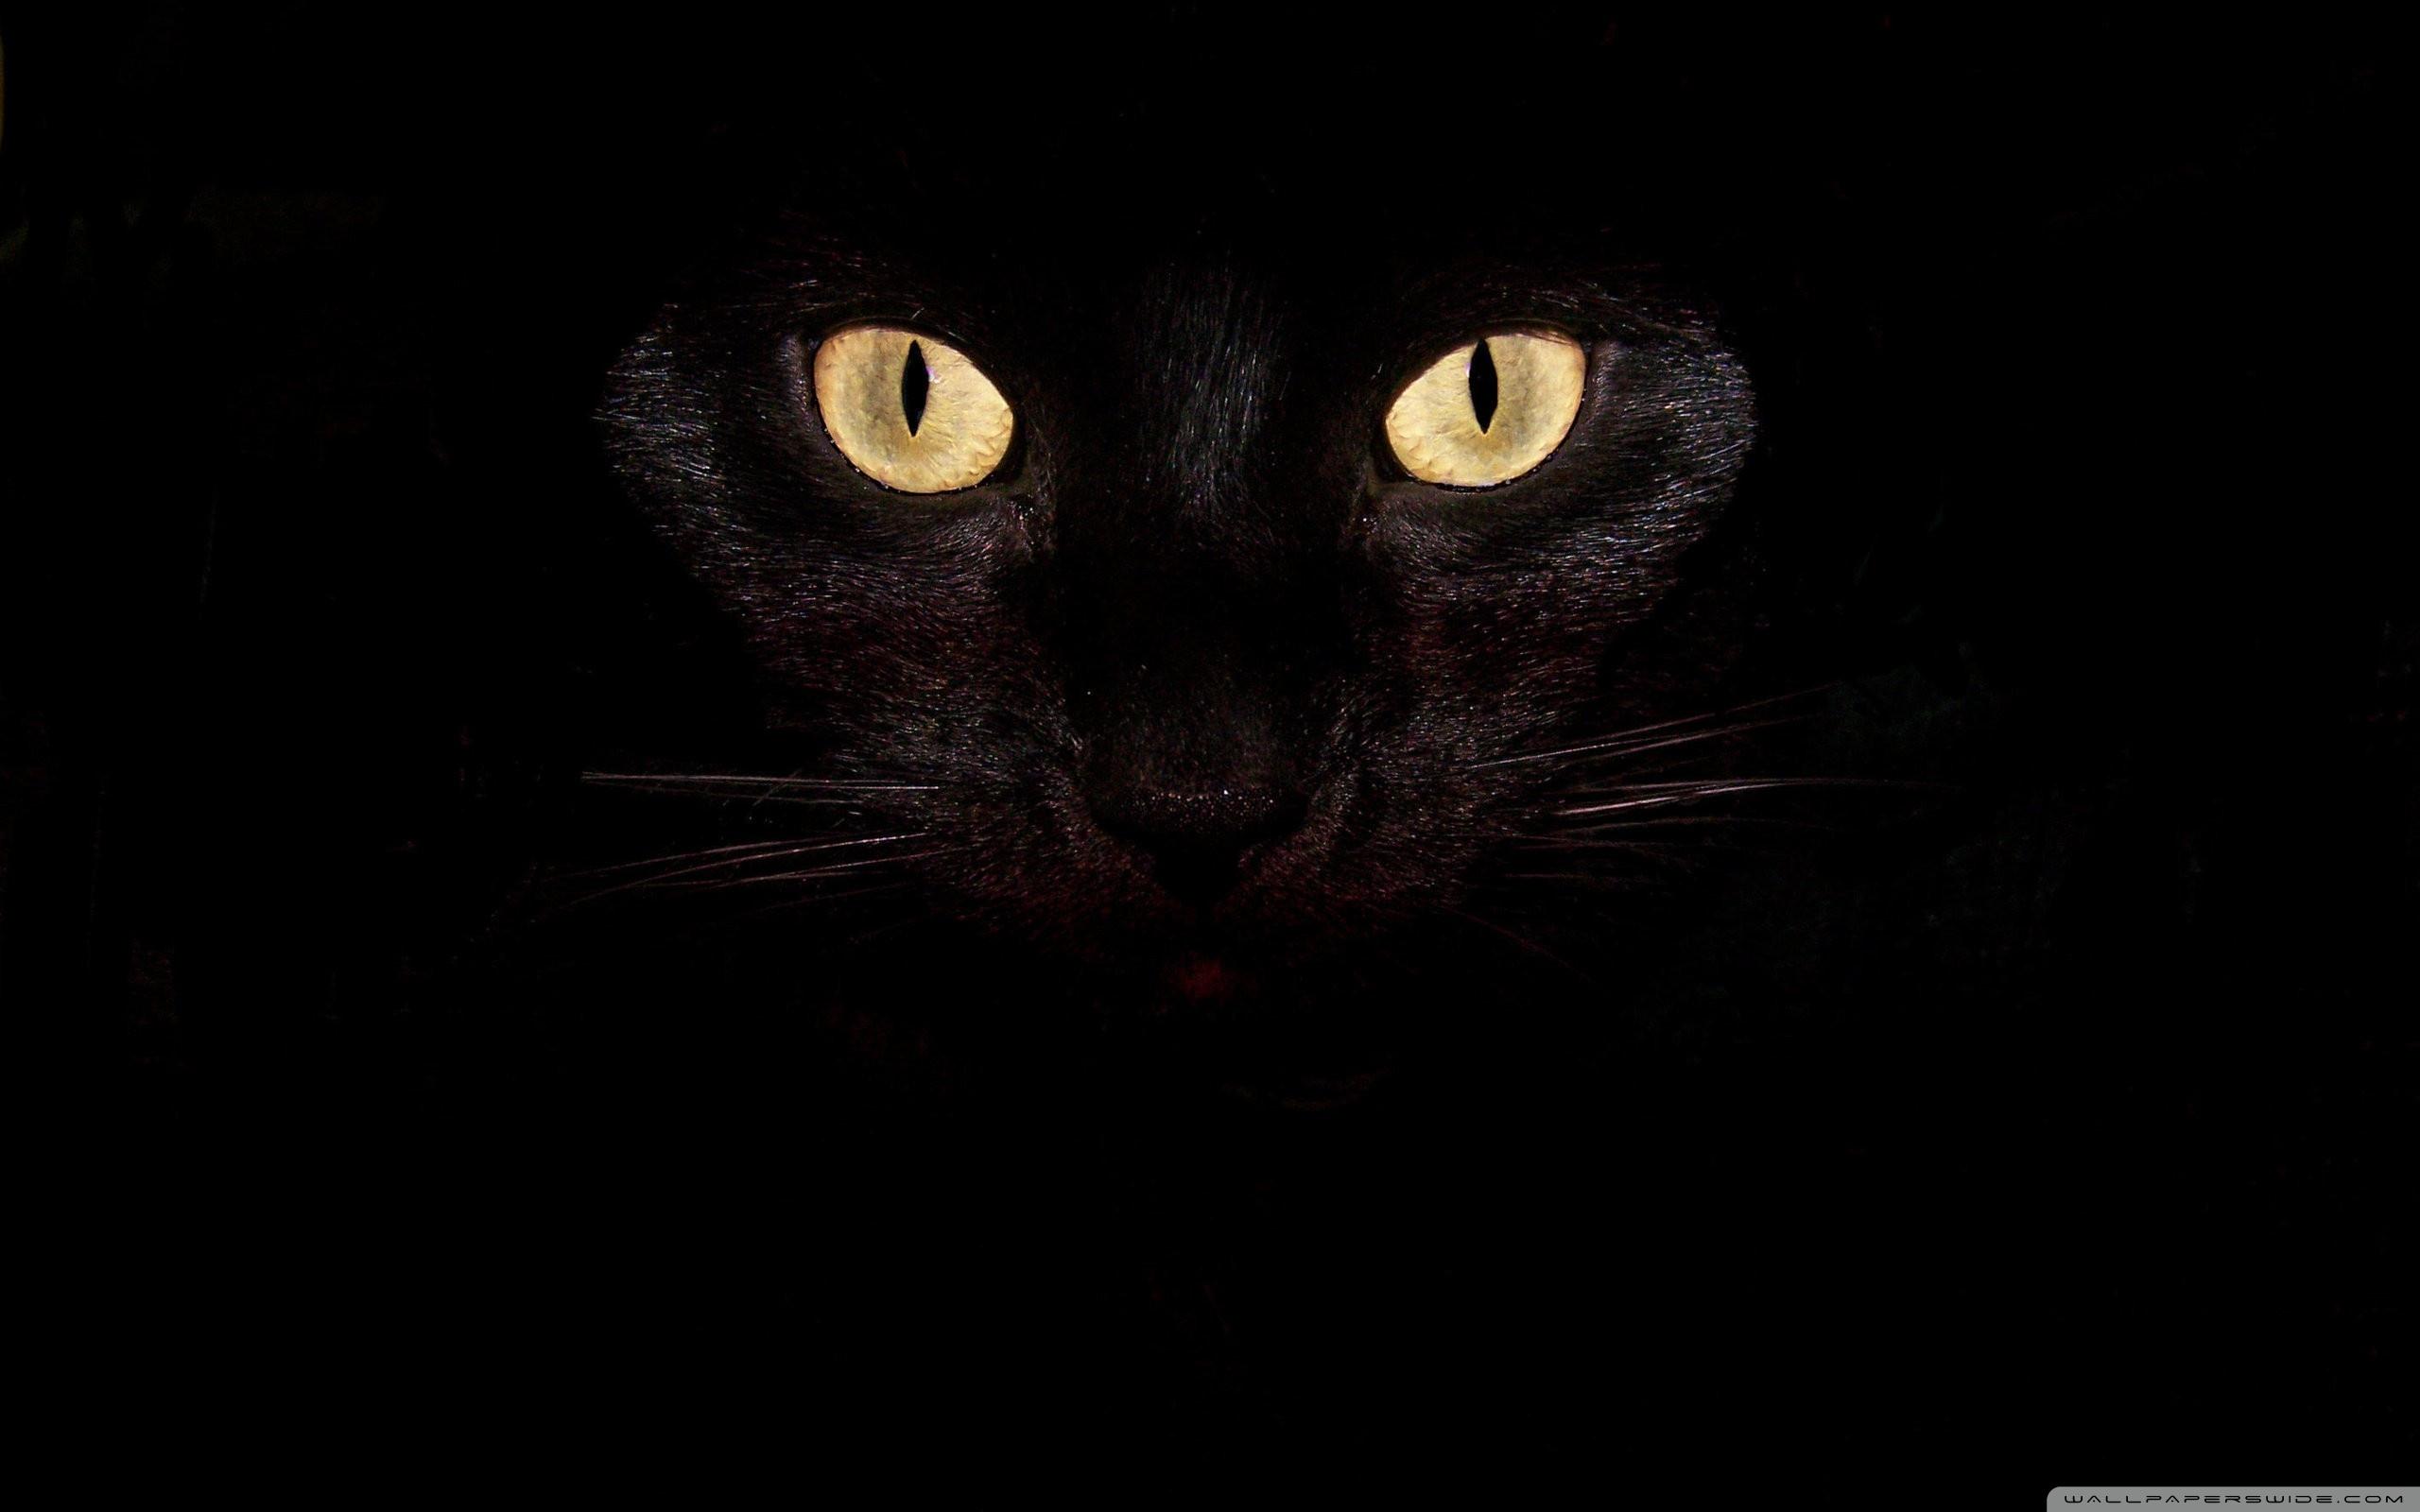 Black Cat Eyes 4K HD Desktop Wallpaper for 4K Ultra HD TV 2560x1600